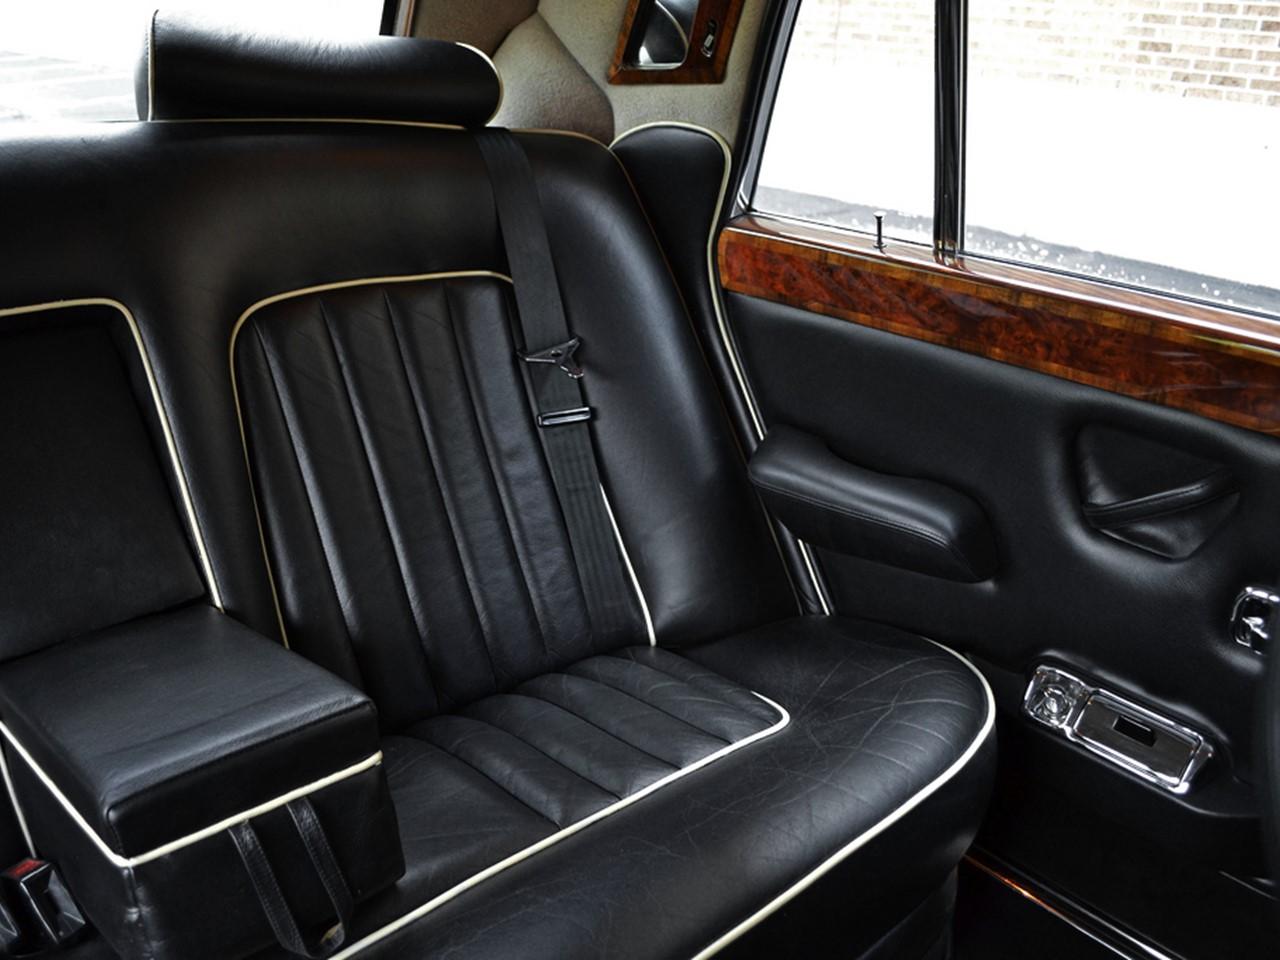 1980 Silver Wraith II 4-dooe saloon 17